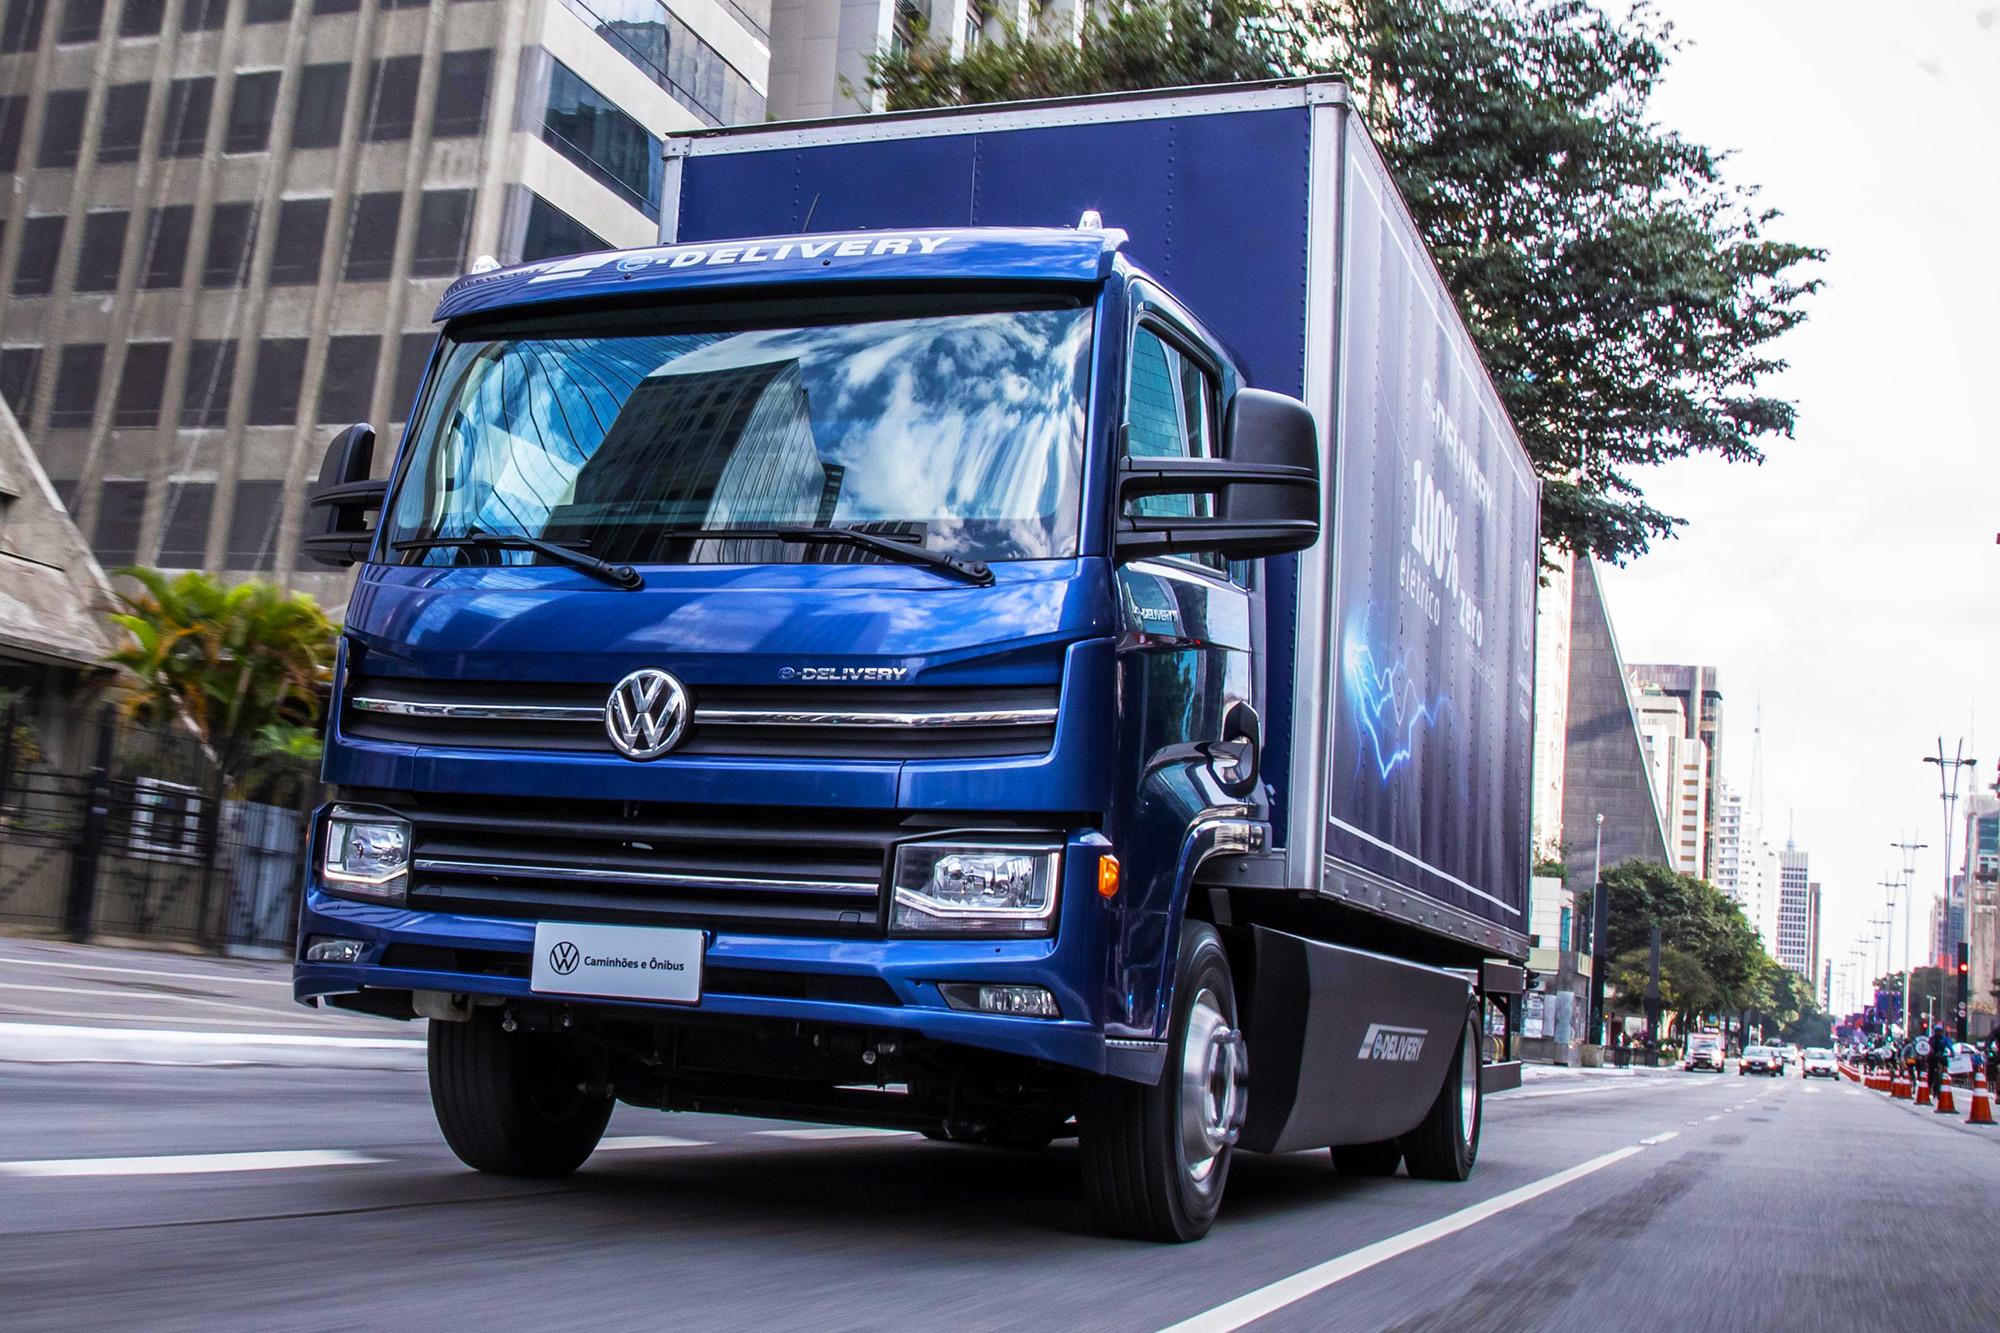 Volkswagen e-Delivery é variante menor da nova linha de caminhões elétricos da VW, concebida no Brasil